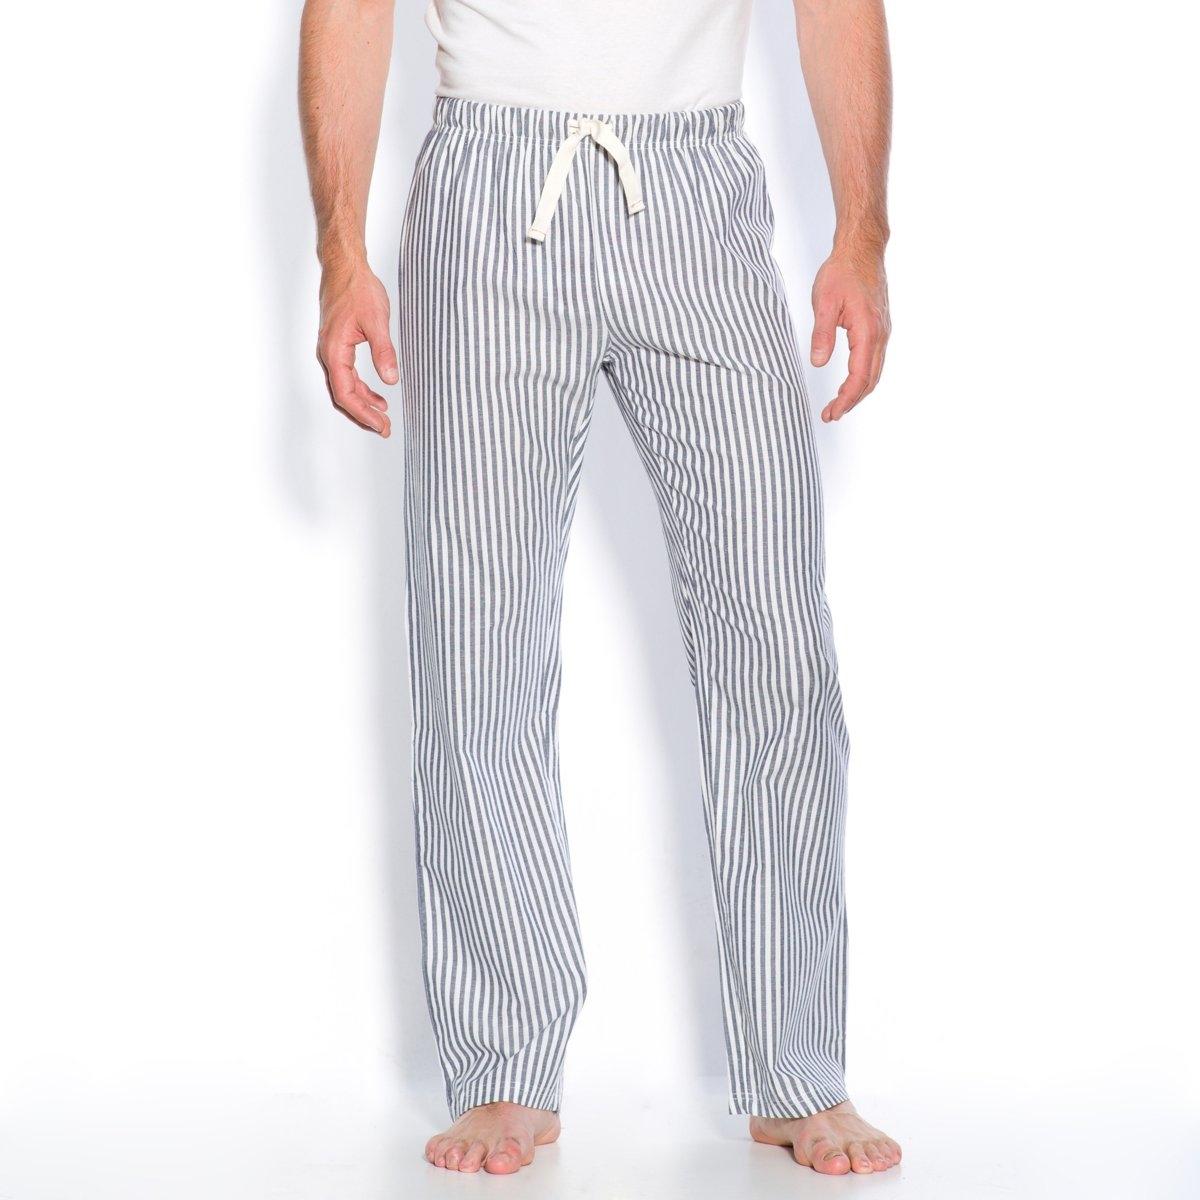 Брюки из поплина в полоскуБрюки из поплина 100% хлопок в полоску . Можно носить с домашней футболкой   .Эластичный пояс с завязками. 1 накладной карман сзади  ...<br><br>Цвет: синяя полоска<br>Размер: 48/50.56/58.36/38